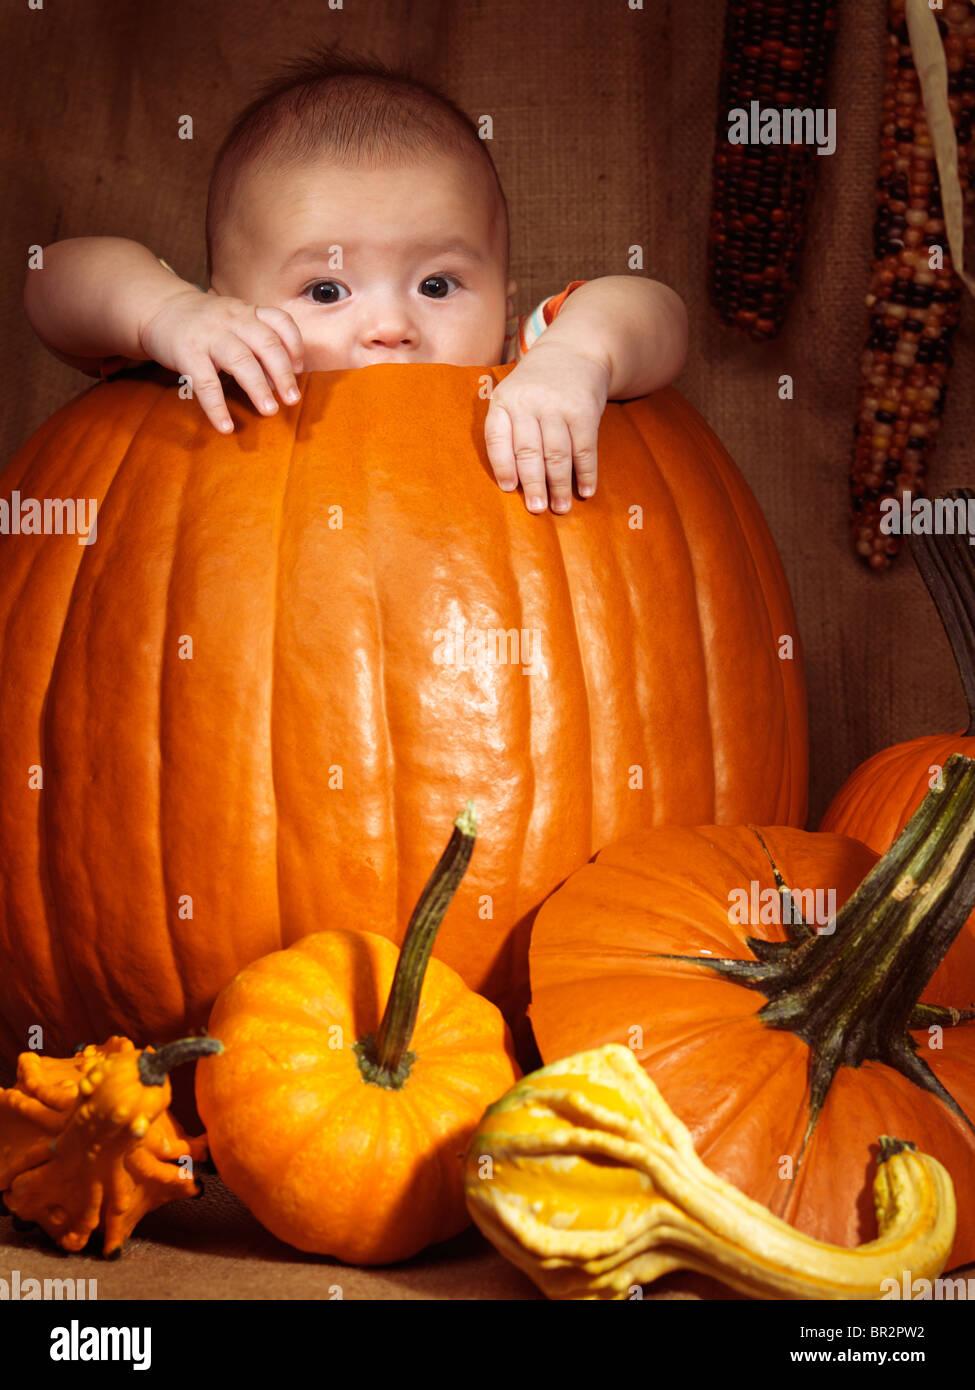 Baby Junge sitzt in einem großen Kürbis. Herbst Ferien Thanksgiving und Halloween humorvollen künstlerischen Stillleben. Stockfoto